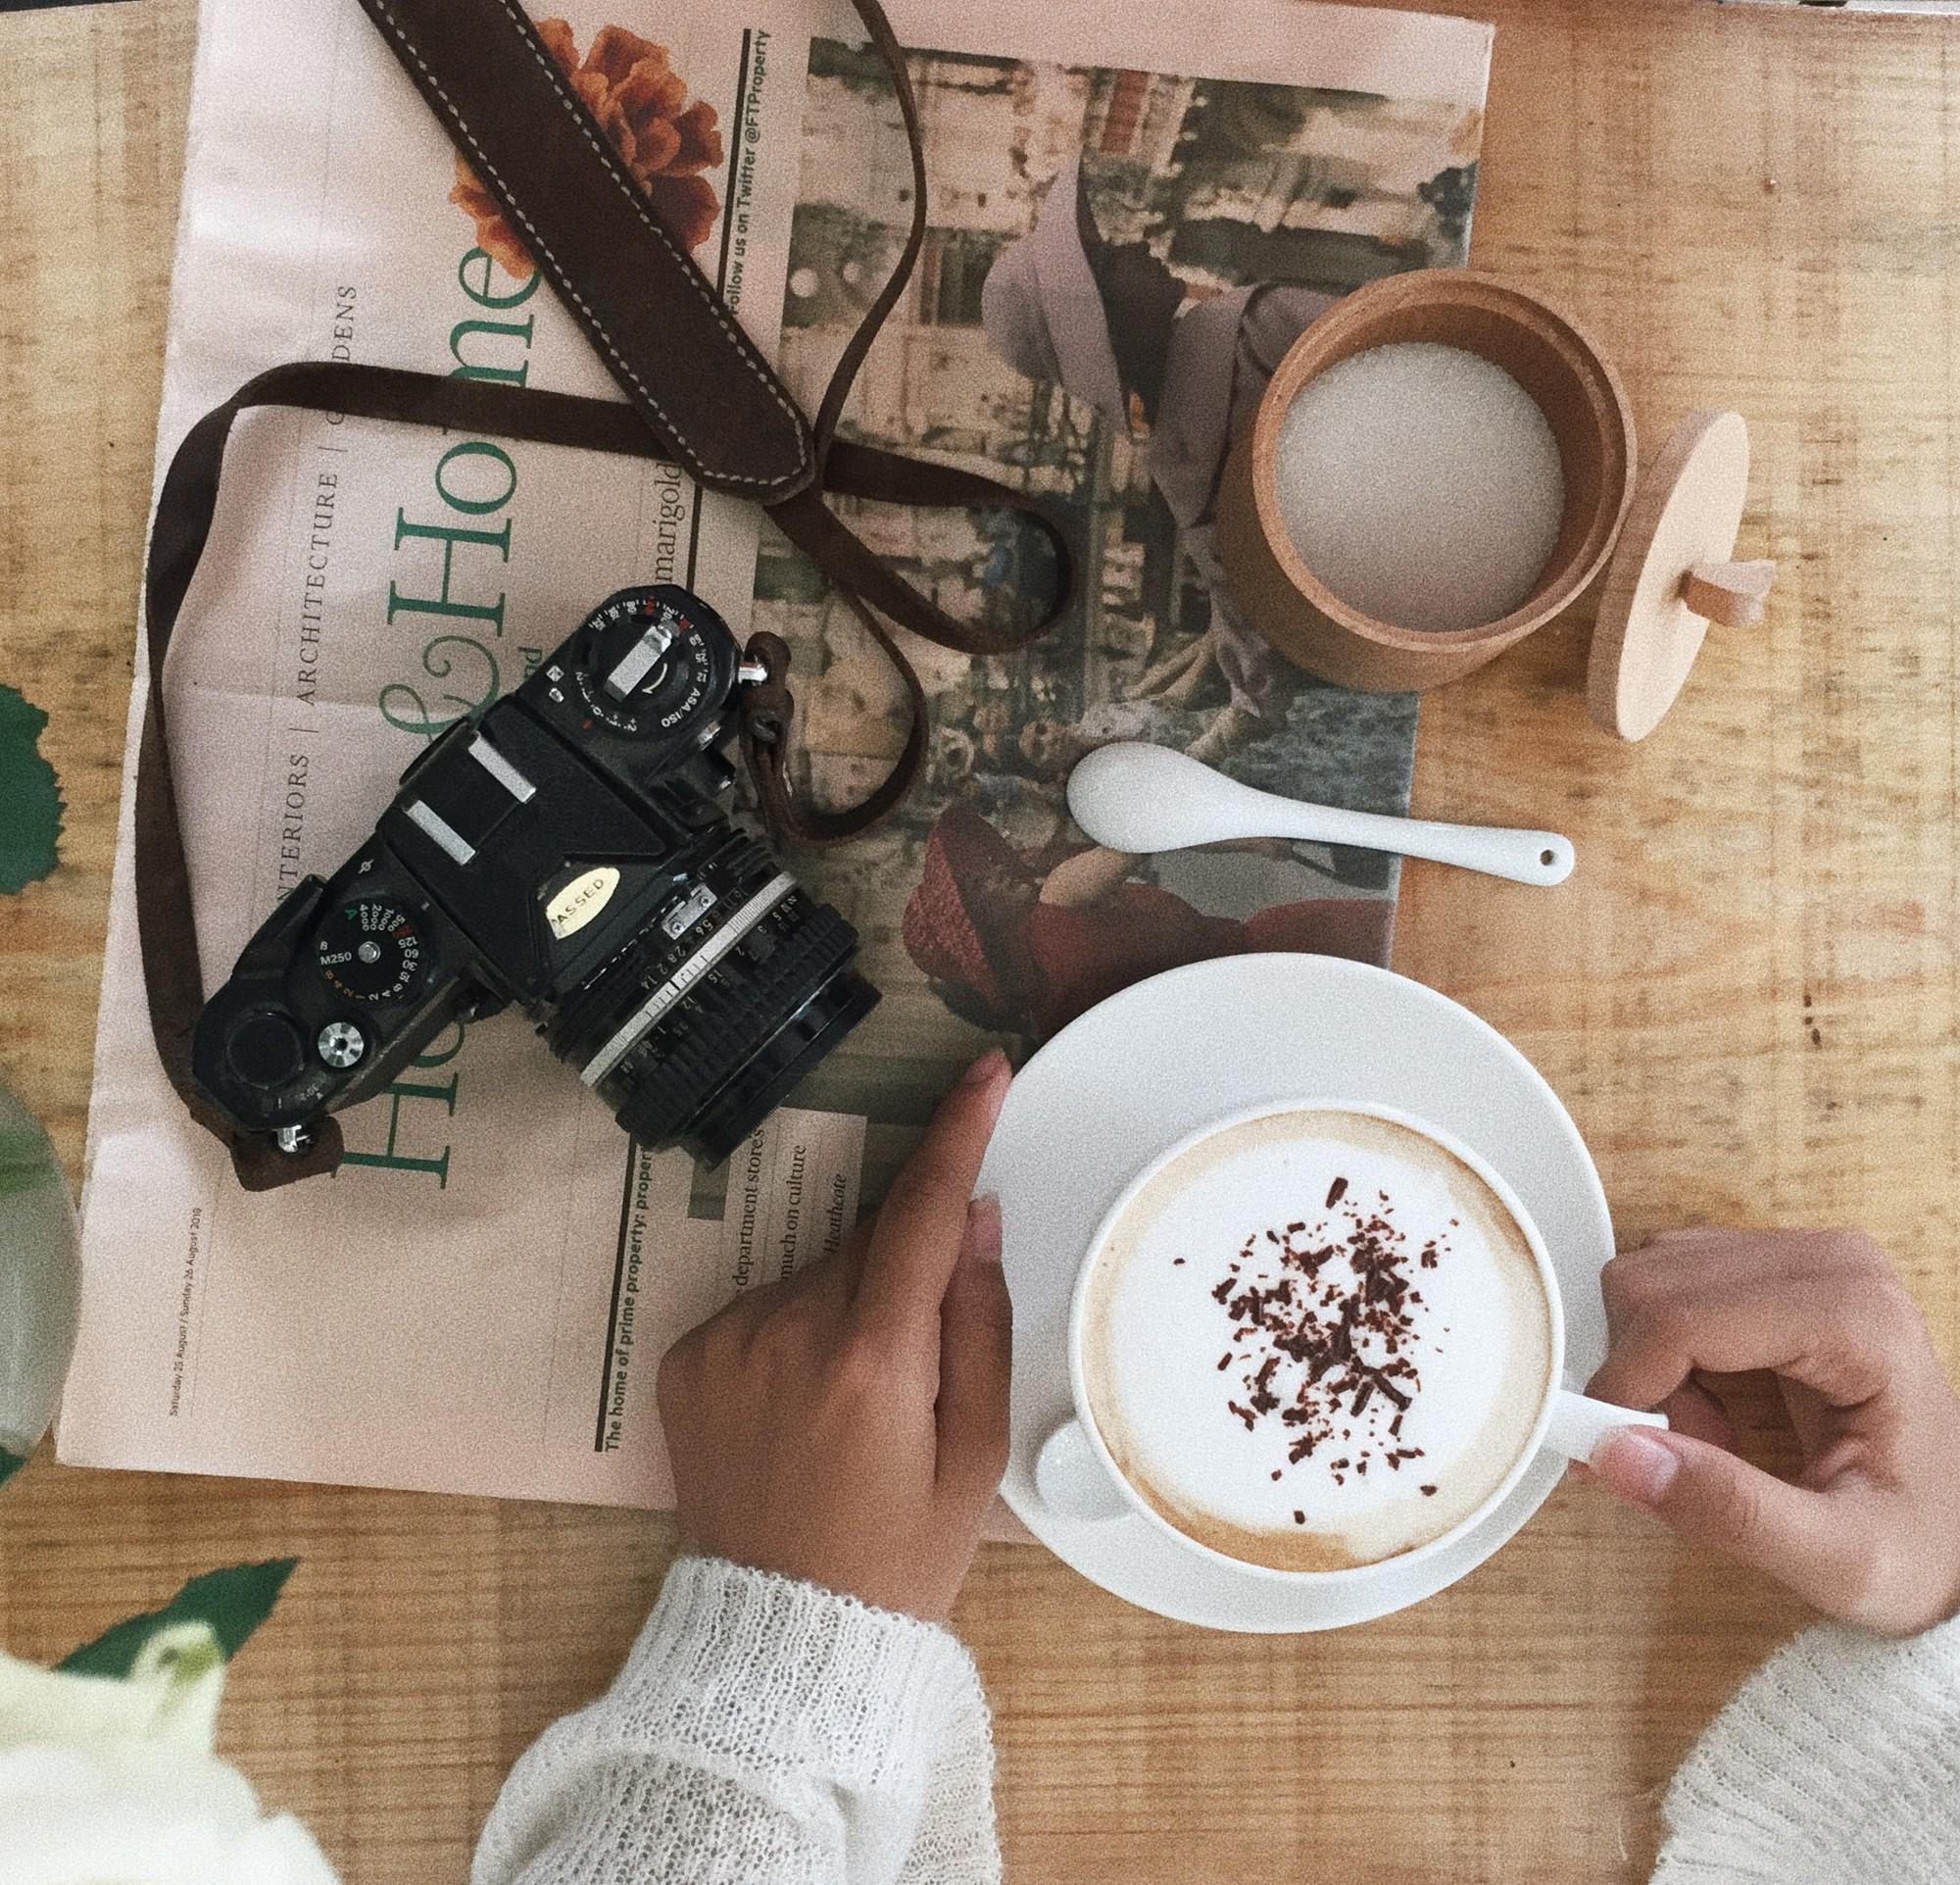 3 quán cà phê mới toanh ở Đà Lạt: Đi 1 lần chụp ảnh sống ảo dùng cả năm - Ảnh 11.